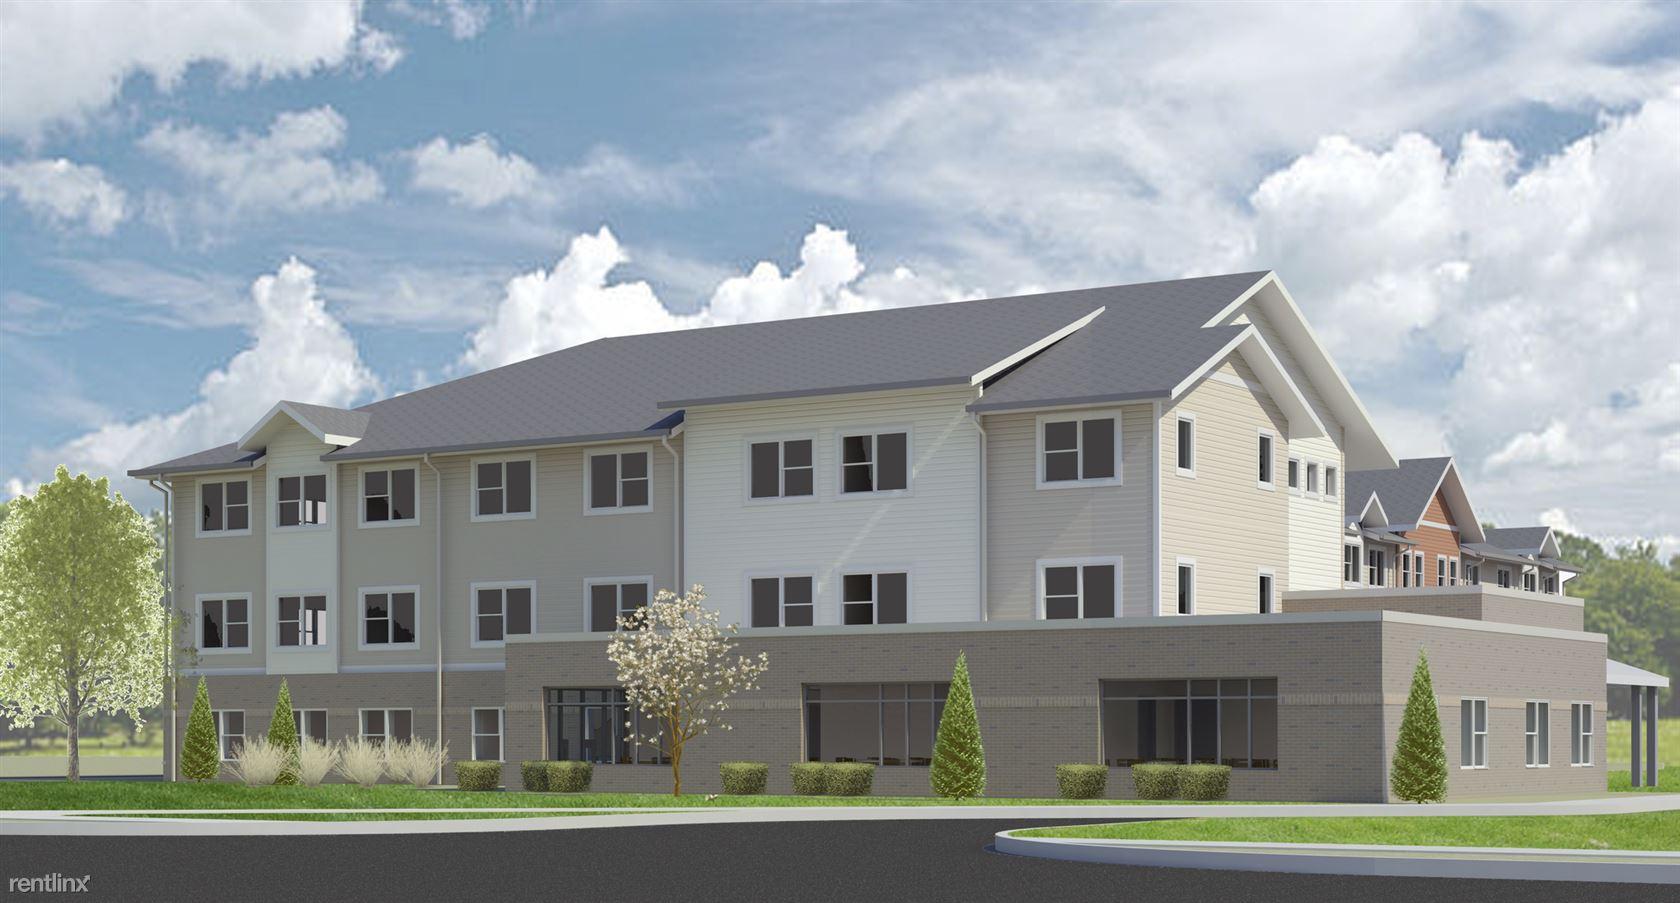 1603 E Centre Ave, Portage, MI - 416 USD/ month